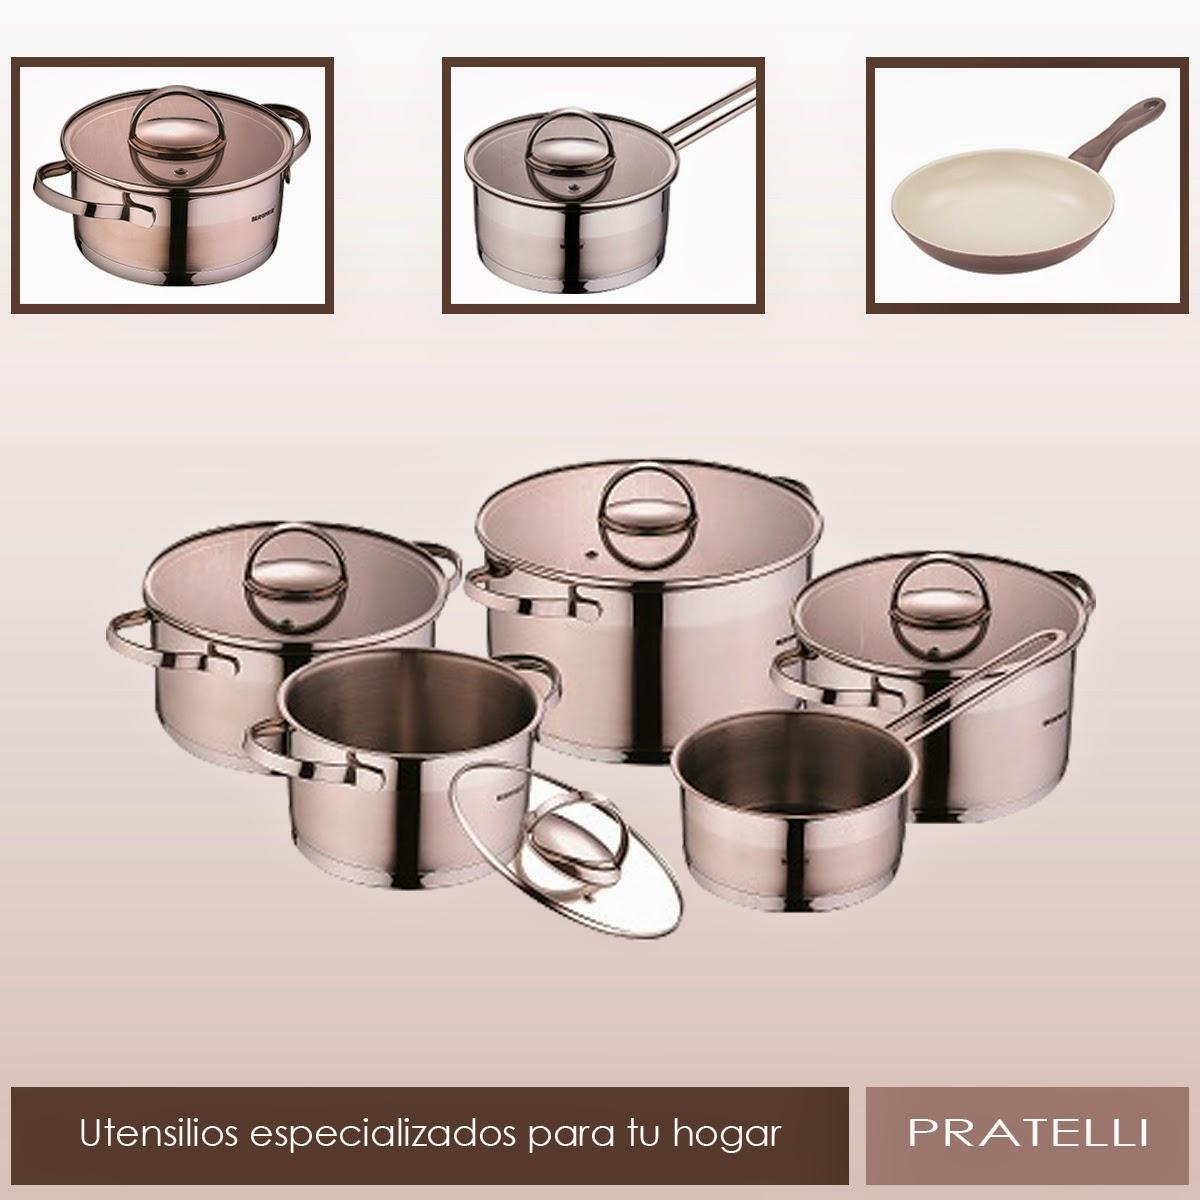 Utensilios especializados para tu hogar pratelli store for Utensilios de hogar